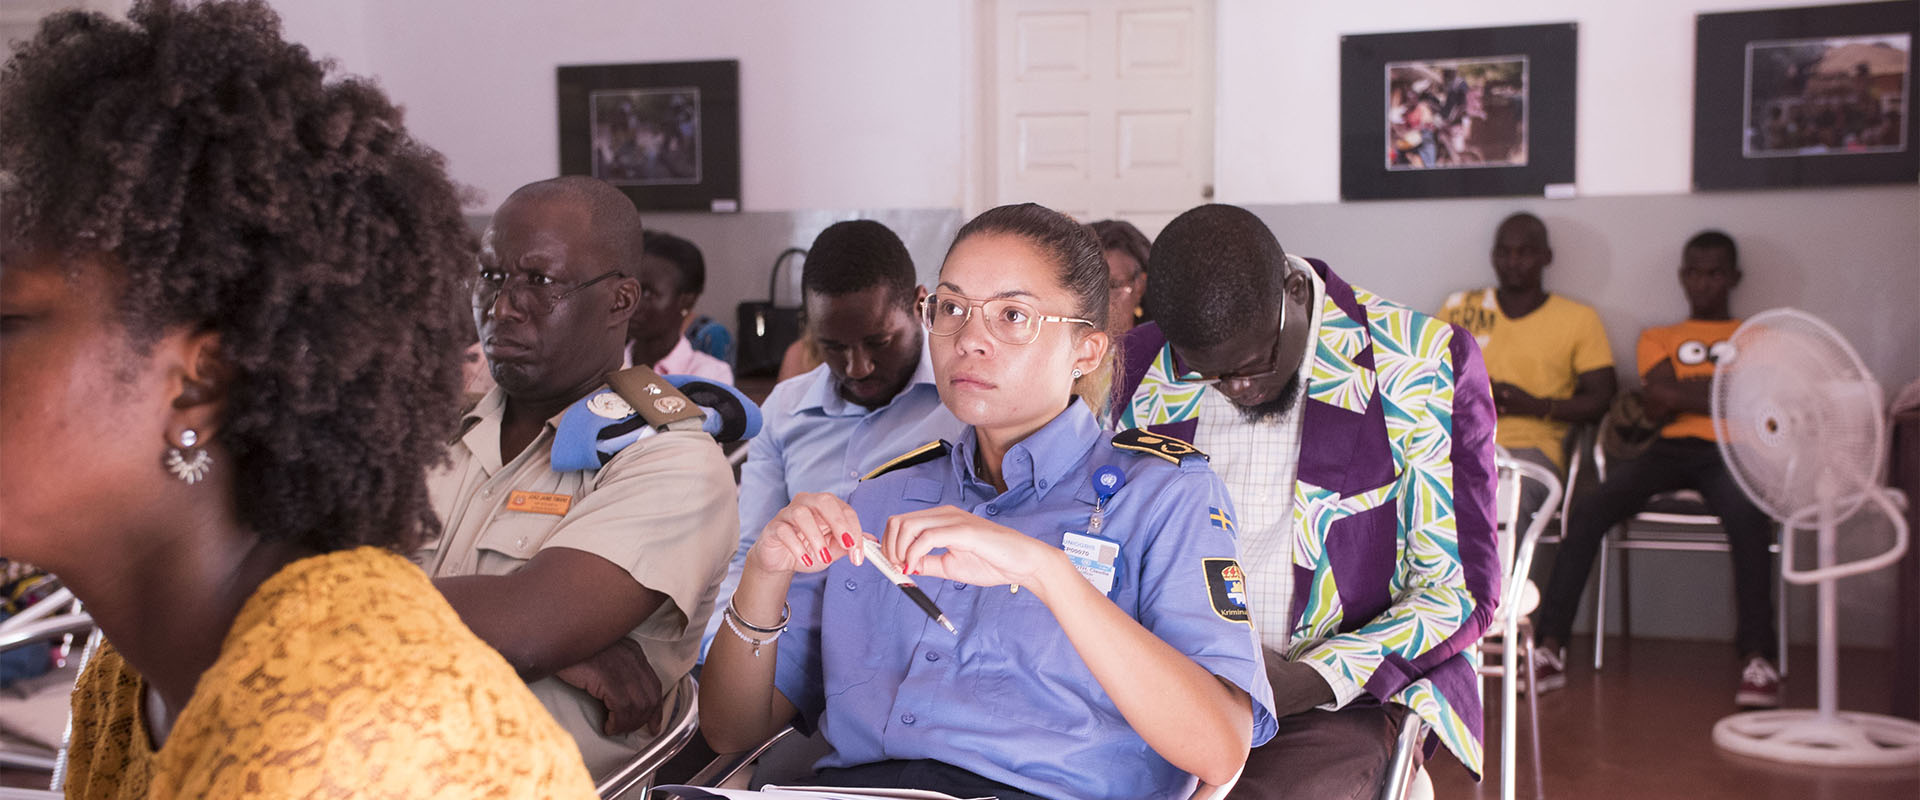 carceri progetto evento conclusione Guinea Bissau Mani Tese 2017